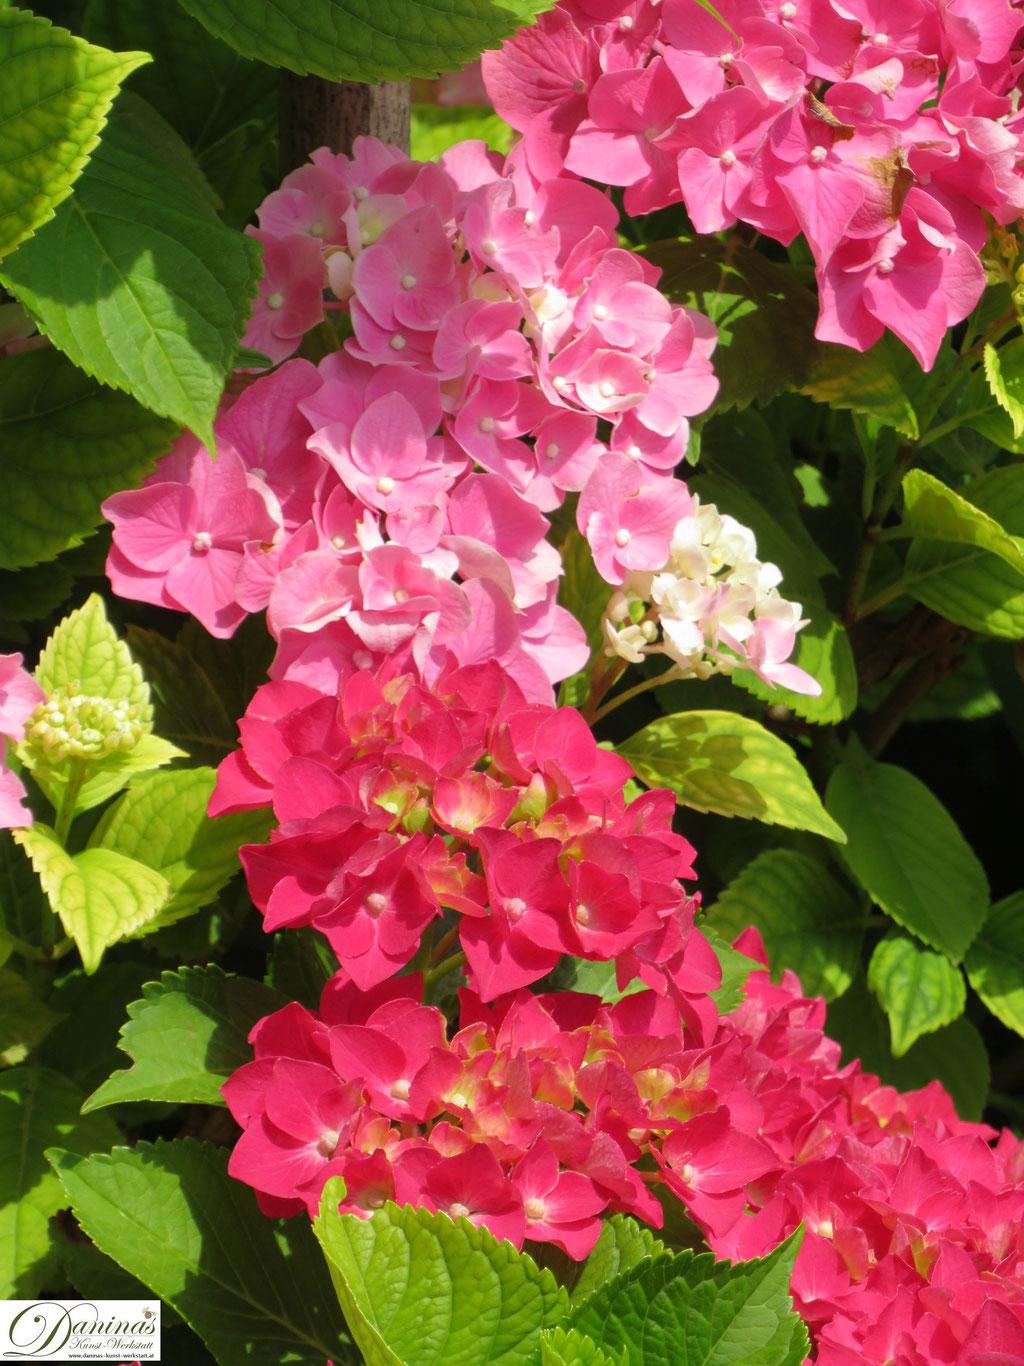 Rosa und rote Hortensienblüten